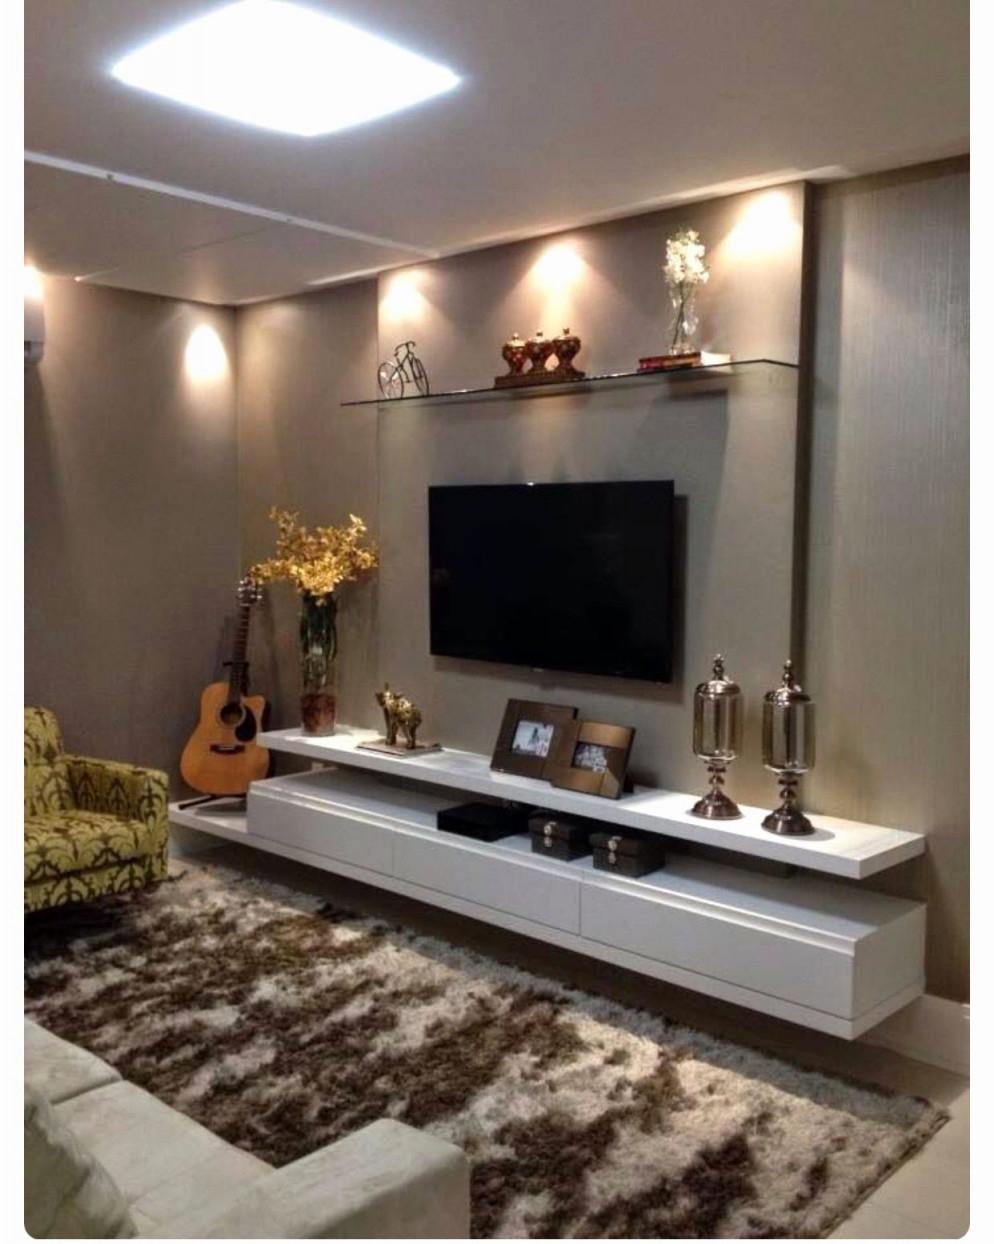 Wohnzimmer Tv Wand Ideen Inspirierend Pin Von Marcia Muller von Wohnzimmer Ideen Wände Bild